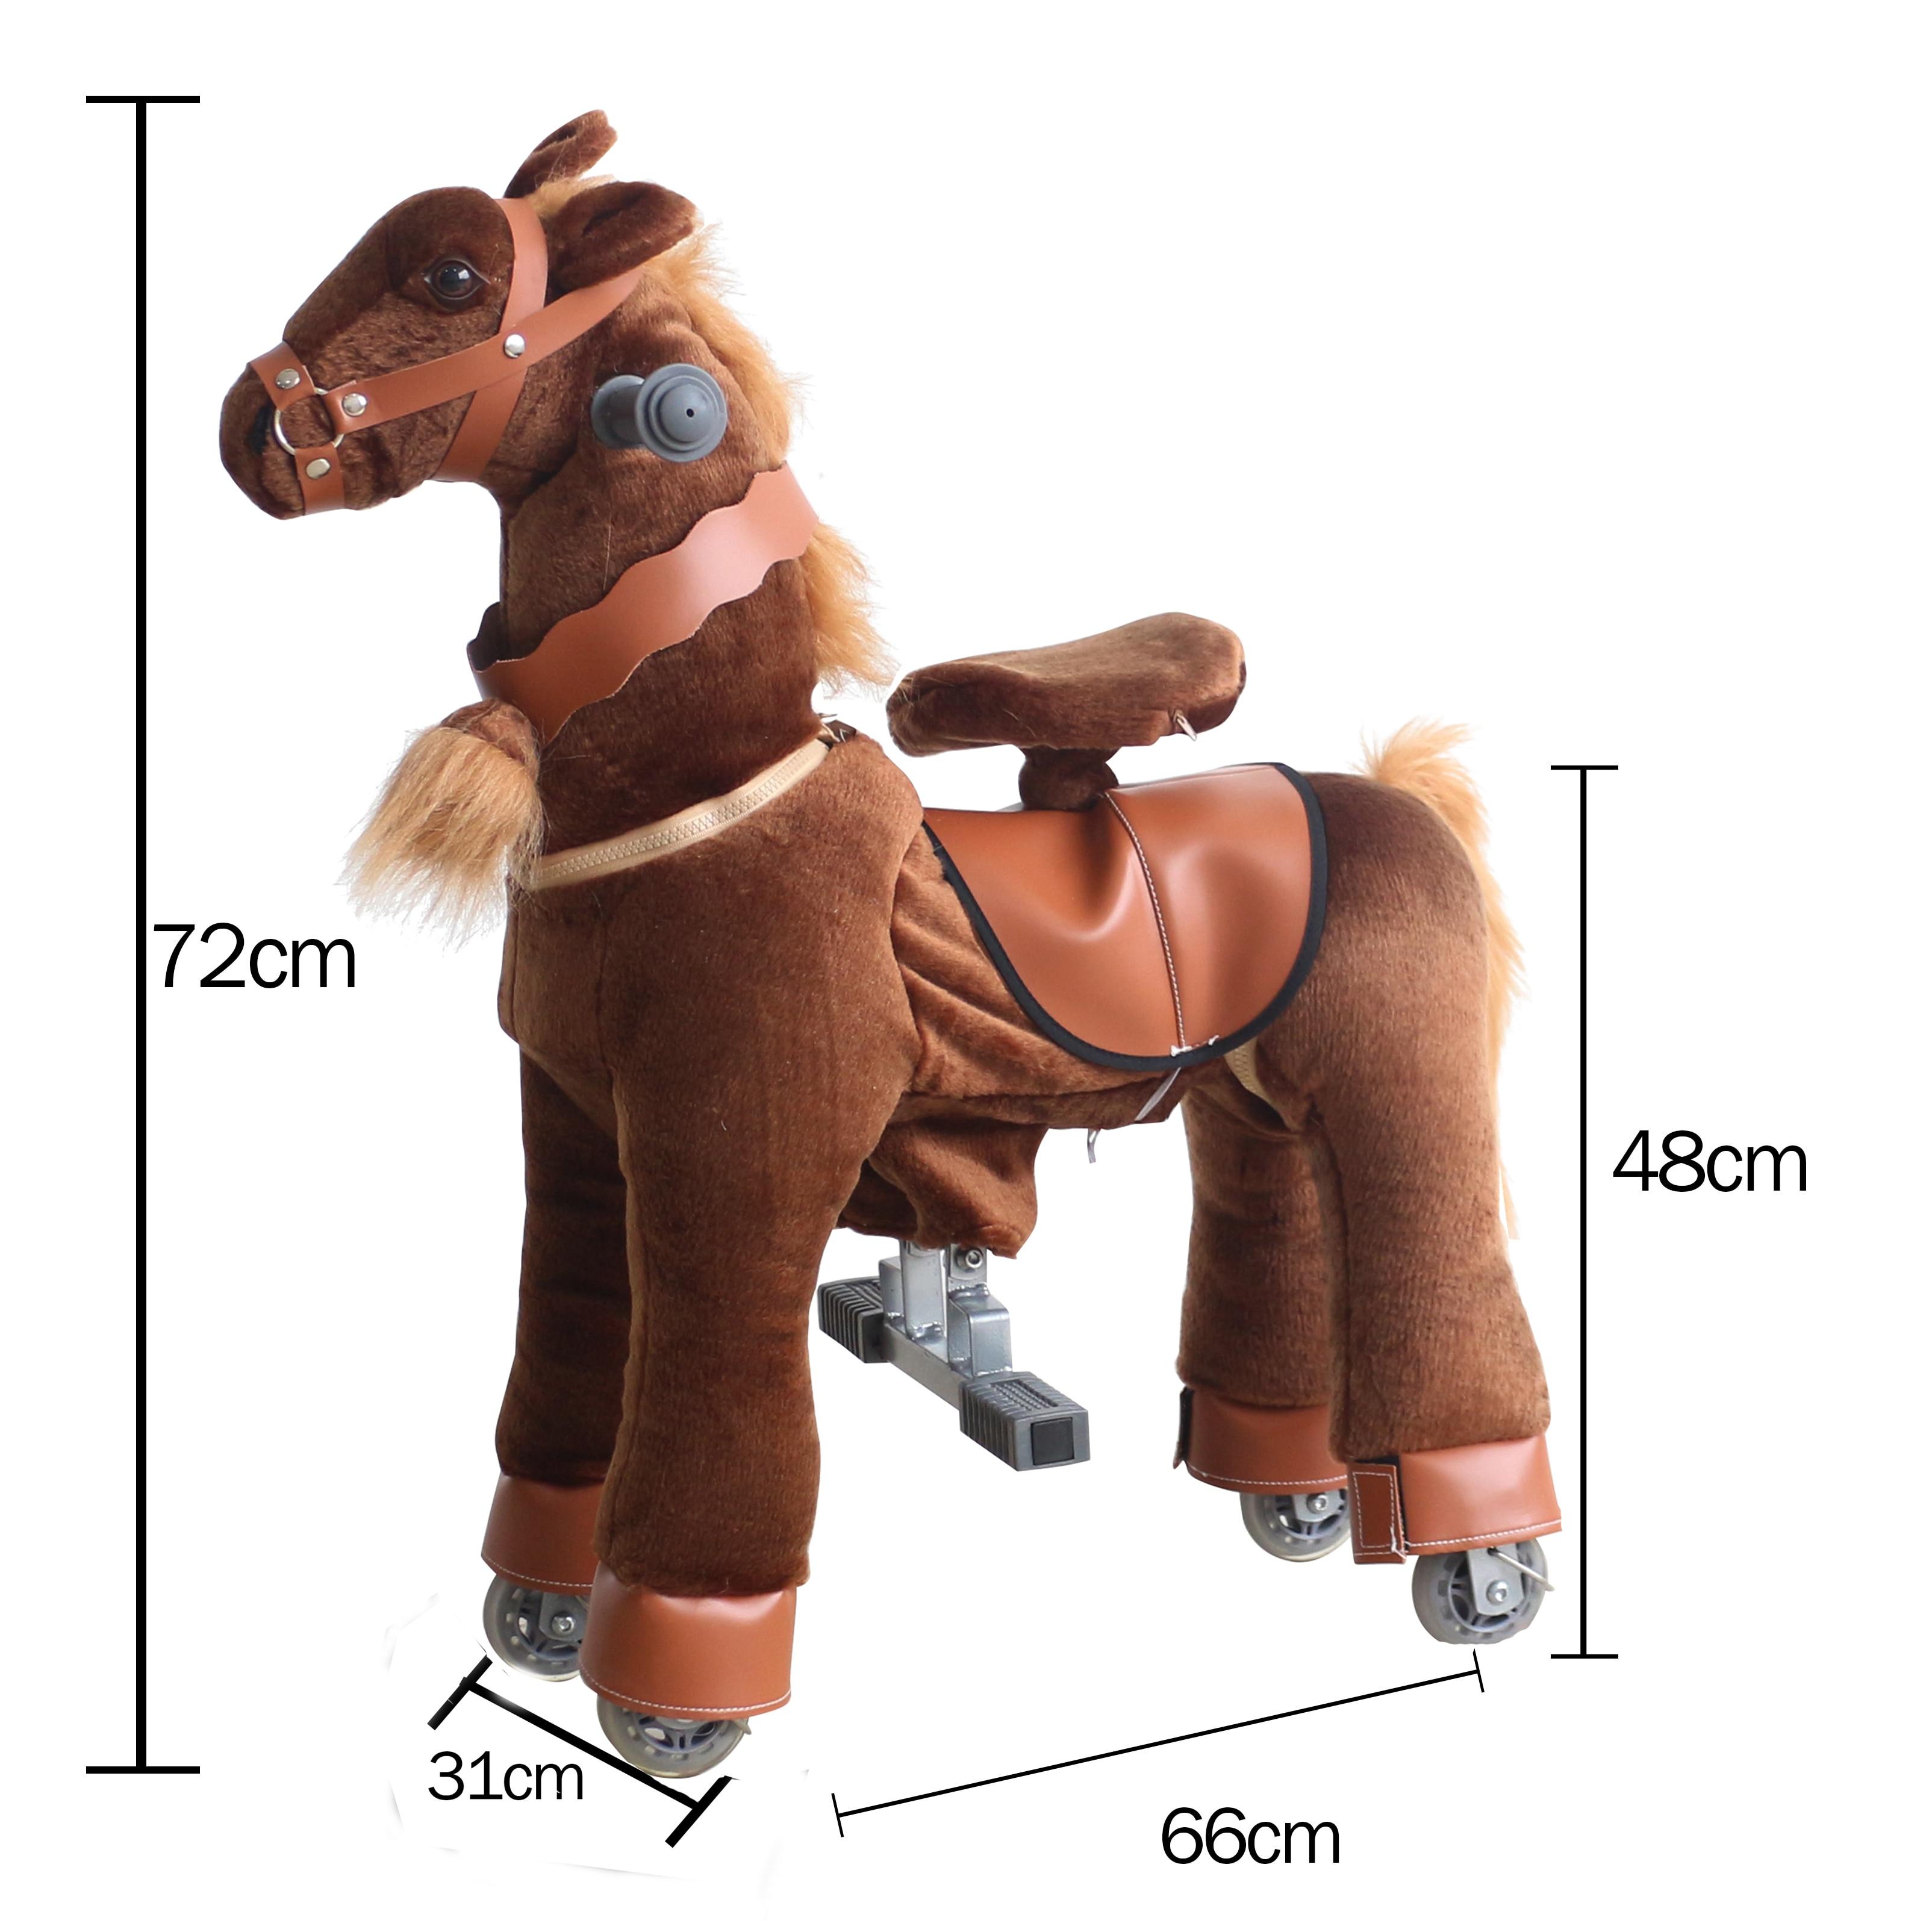 Équitation Animal mécanique jeu de course de chevaux monter sur des jouets de cheval pour les enfants âgés de 3-7 ans brun profond petit poney cadeaux pour enfants - 6